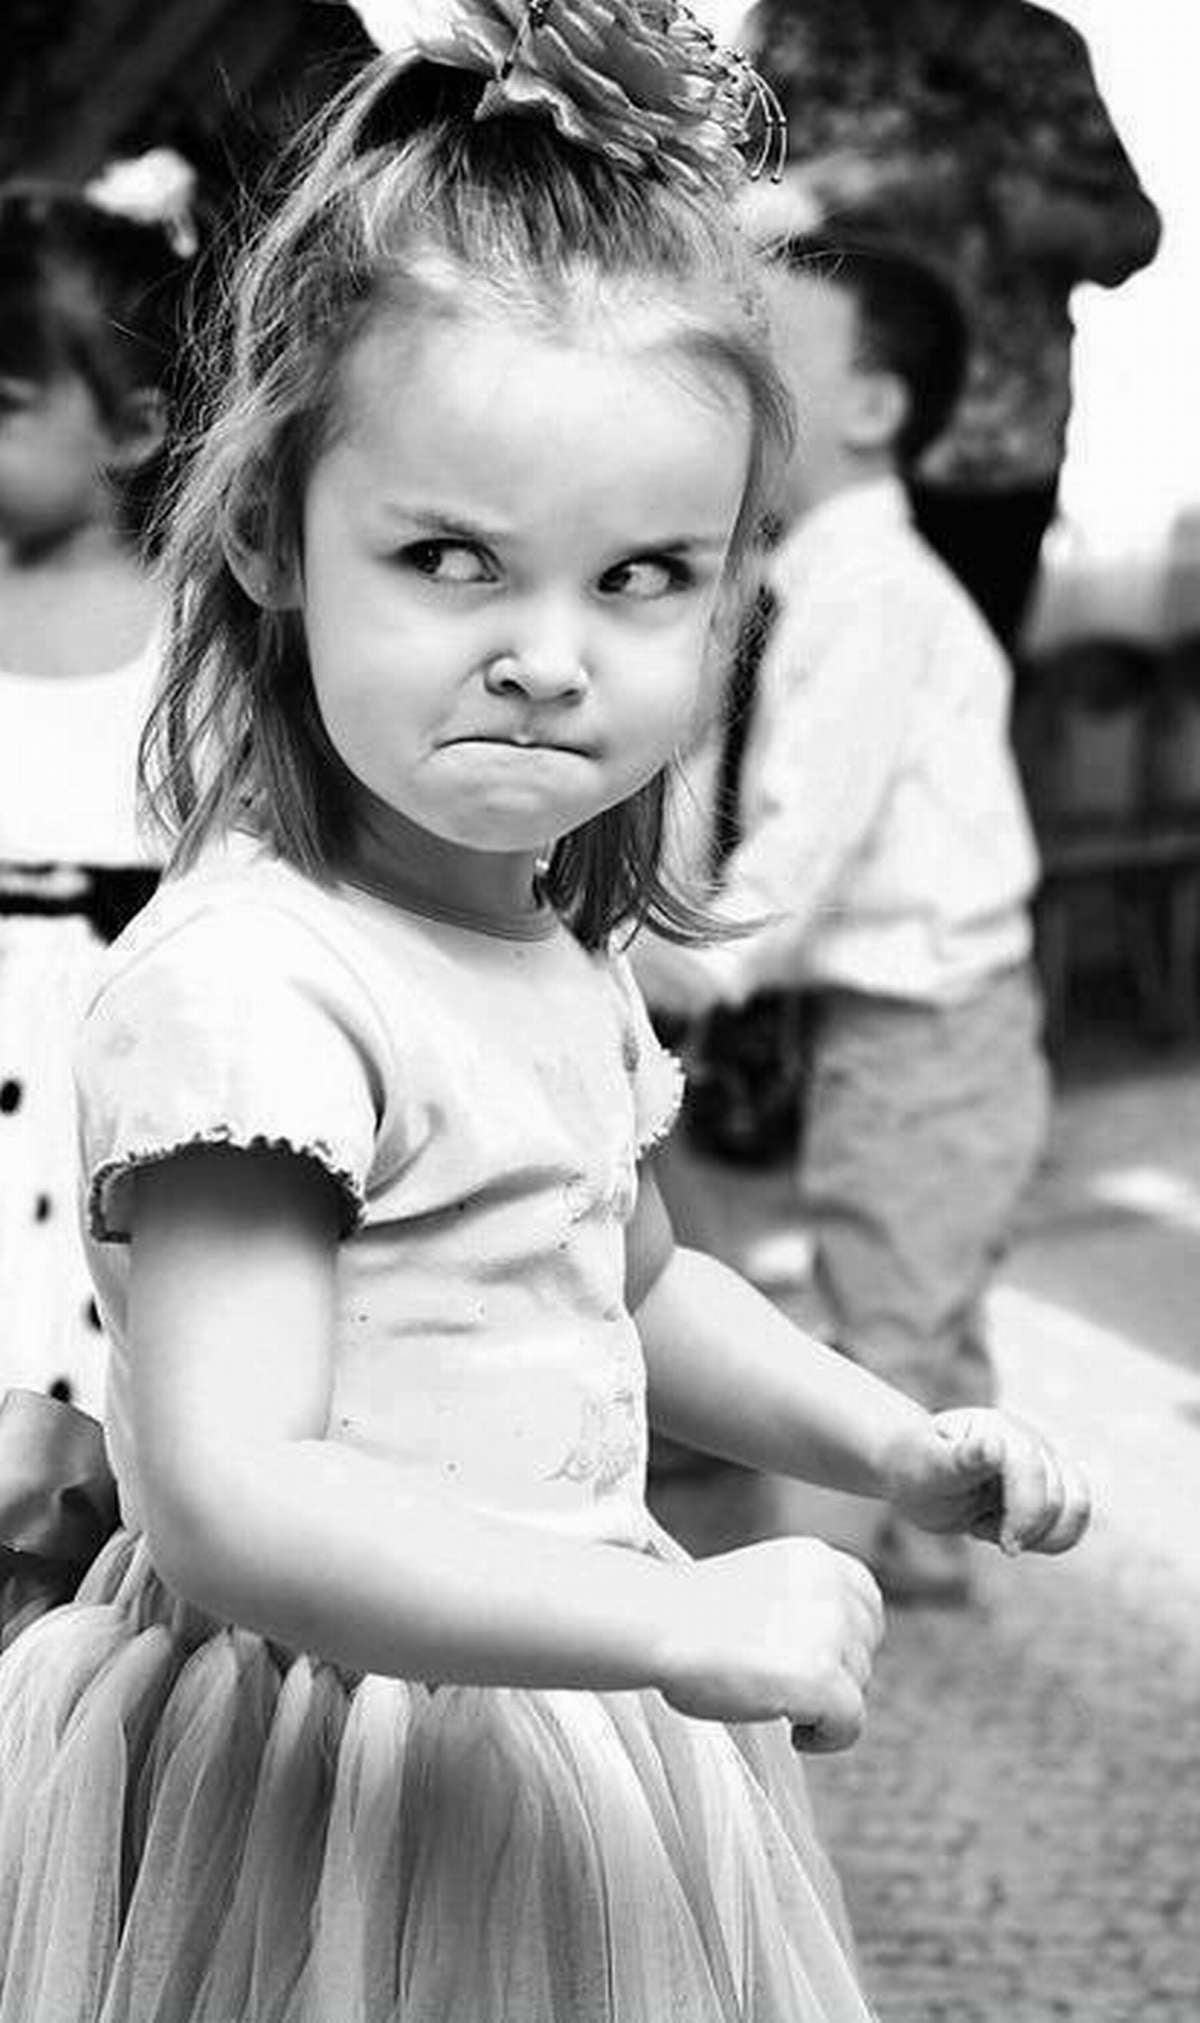 Angry Girl Cute angry bab